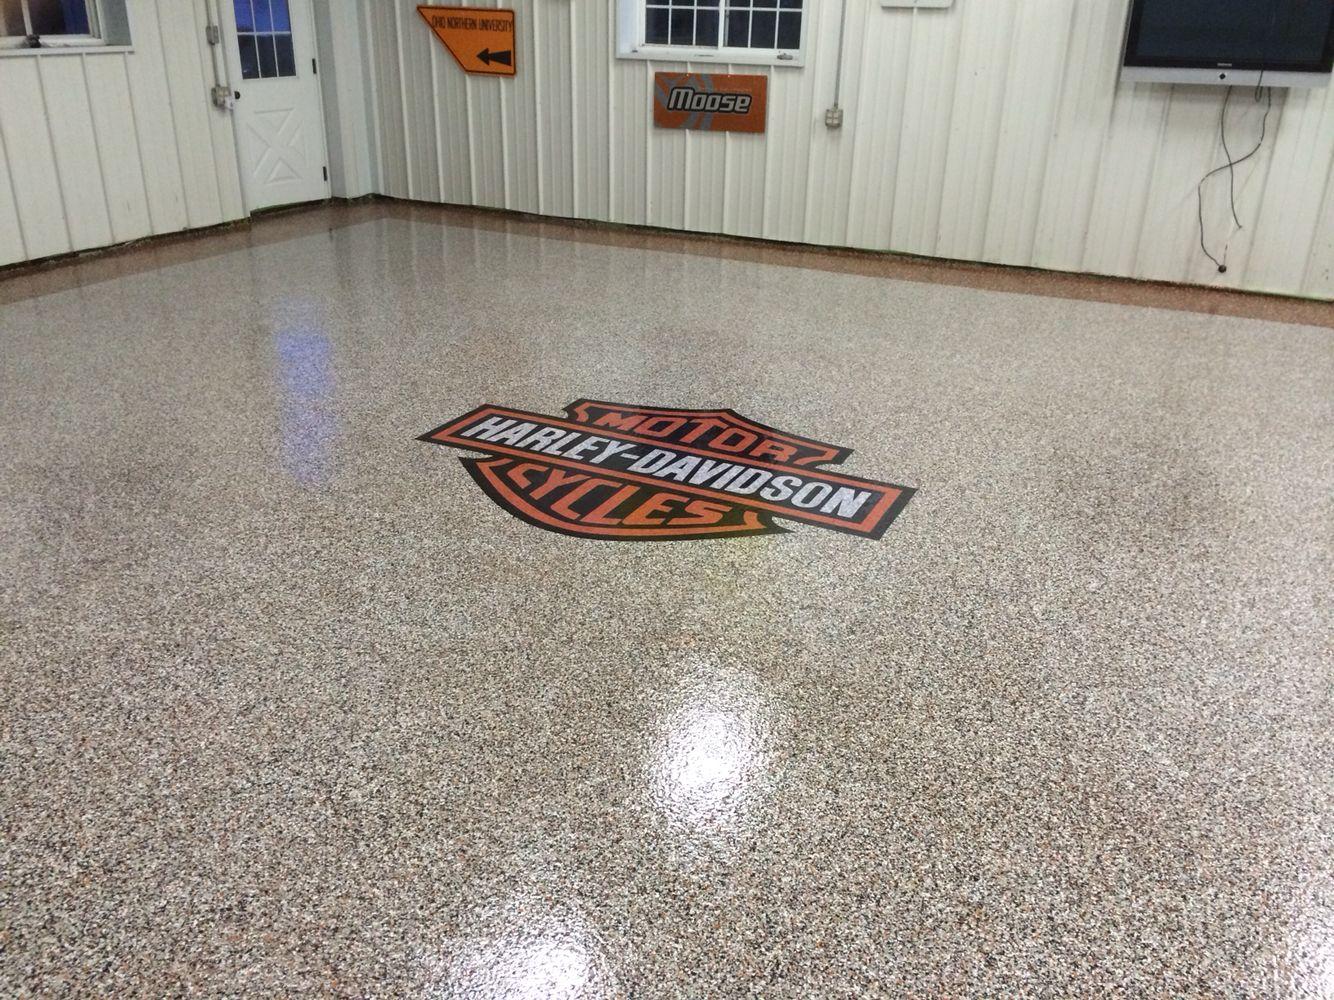 Epoxy chip garage floor Harley Davidson logo installed by Re